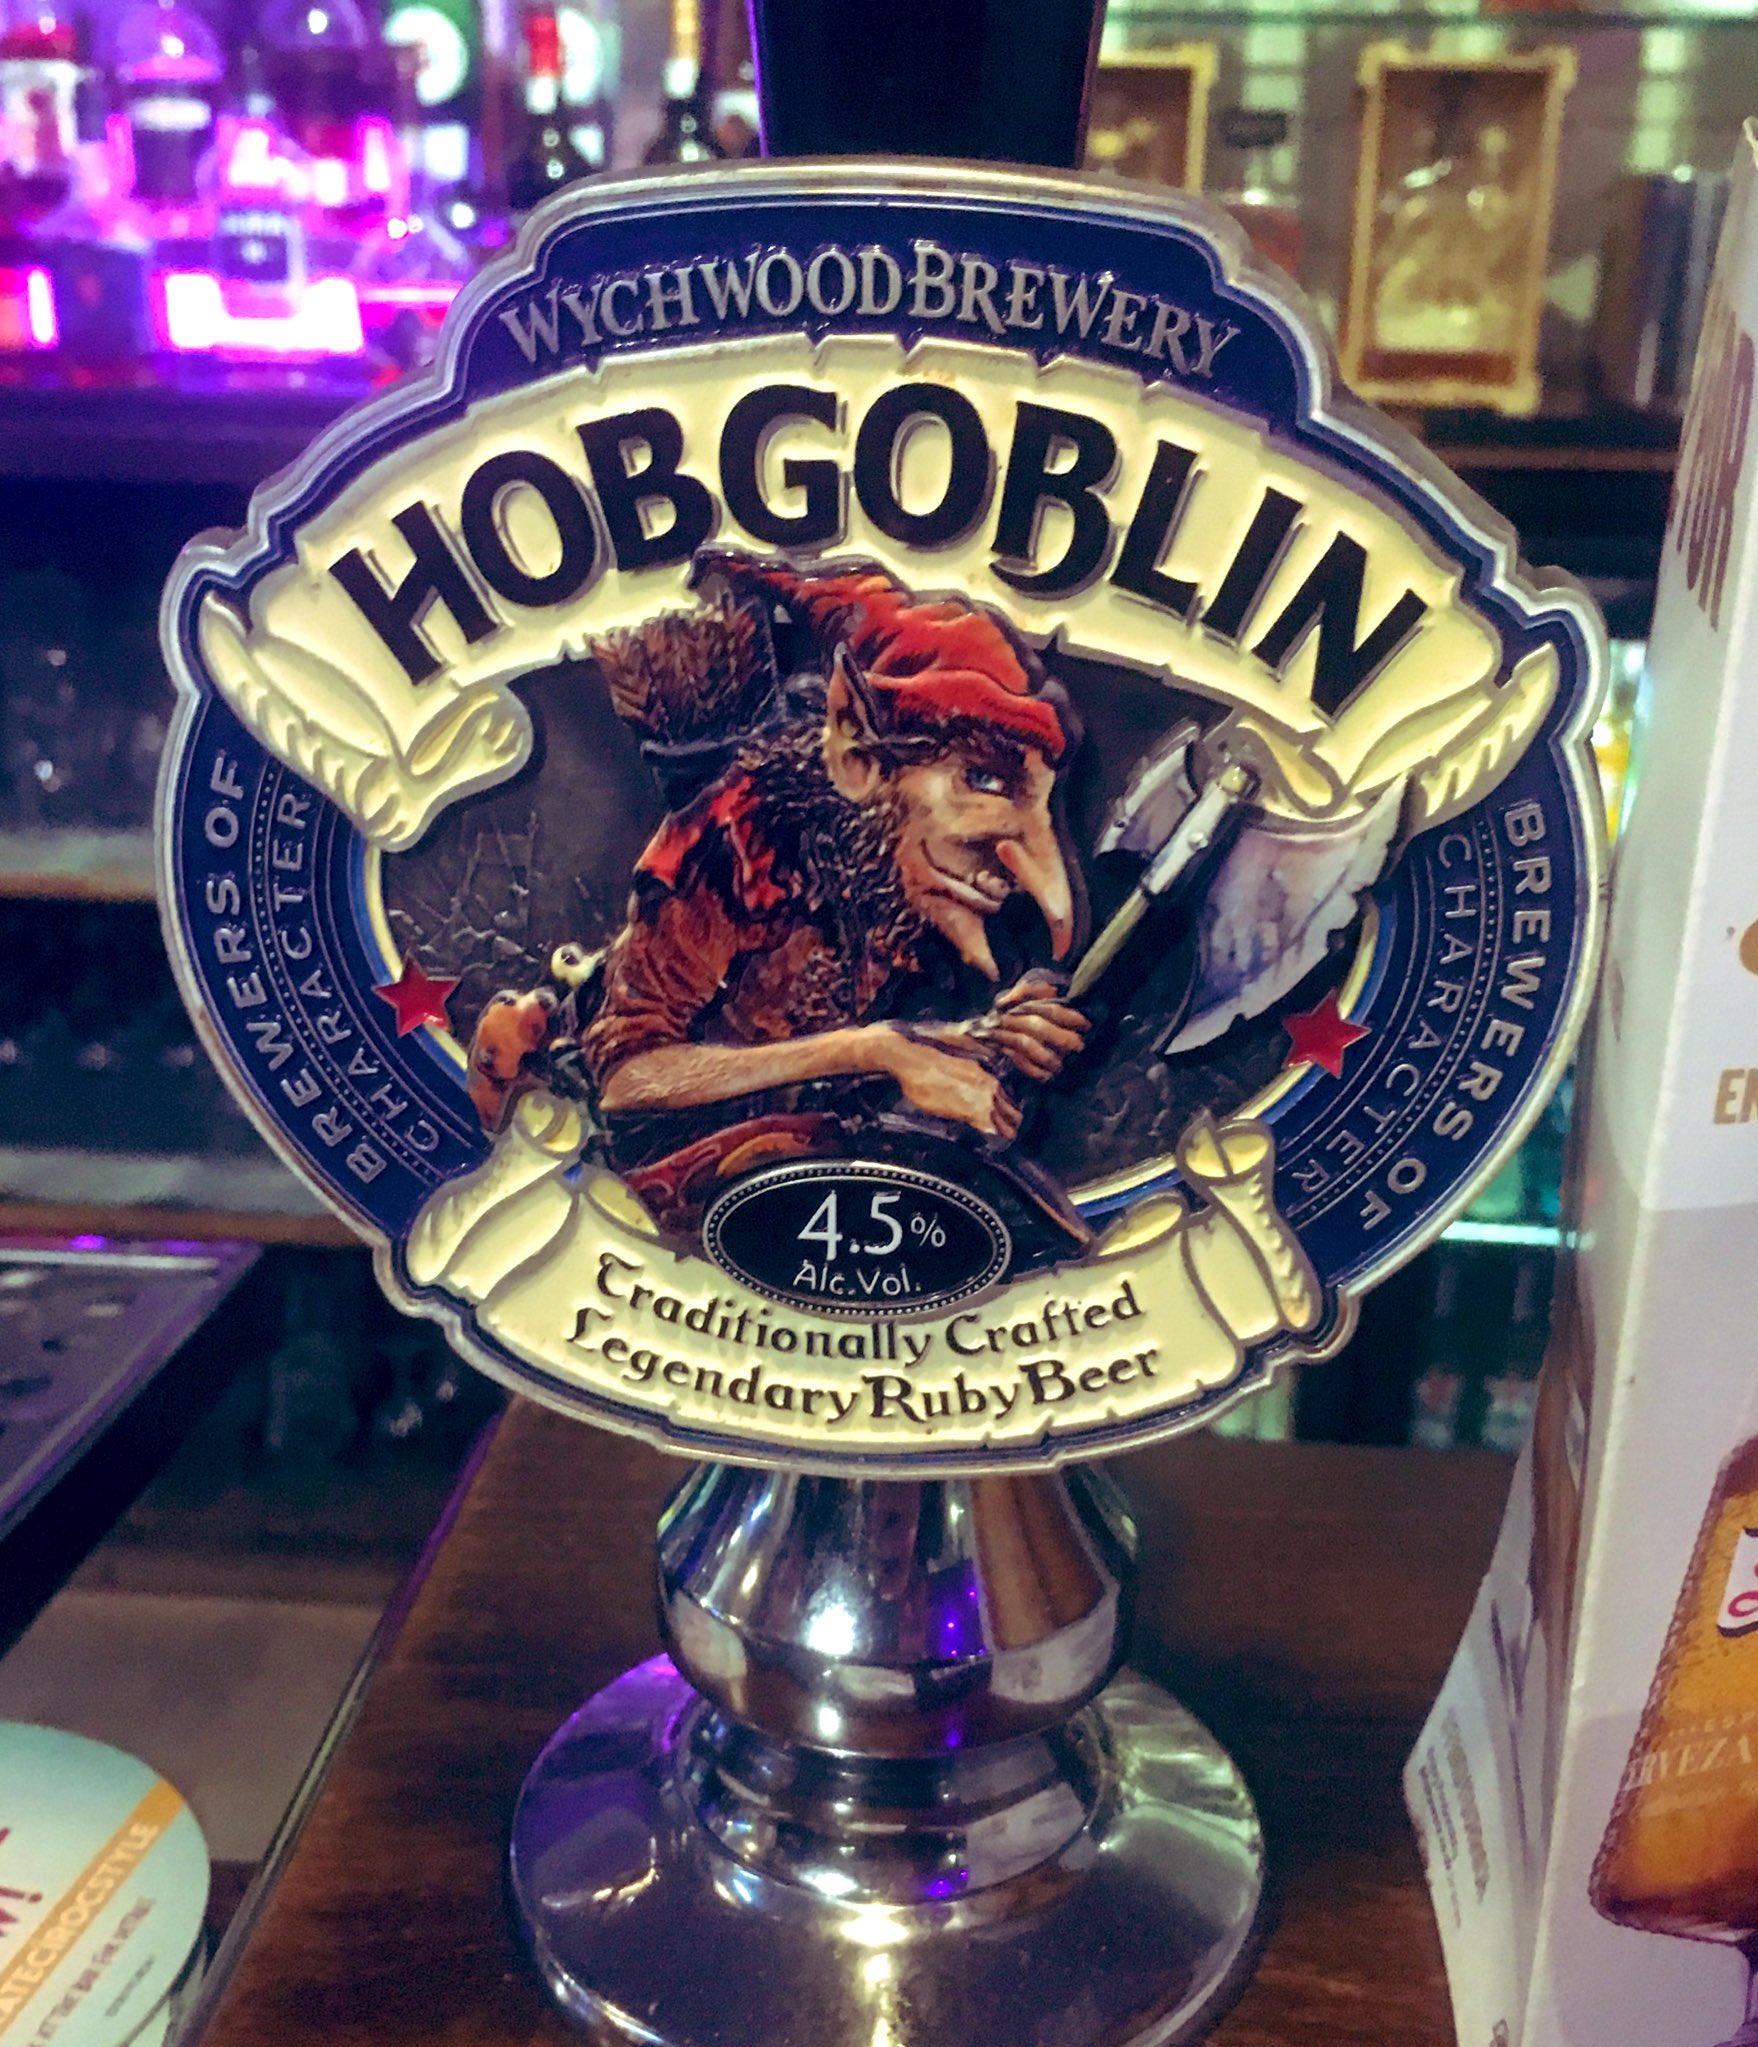 285: Hobgoblin